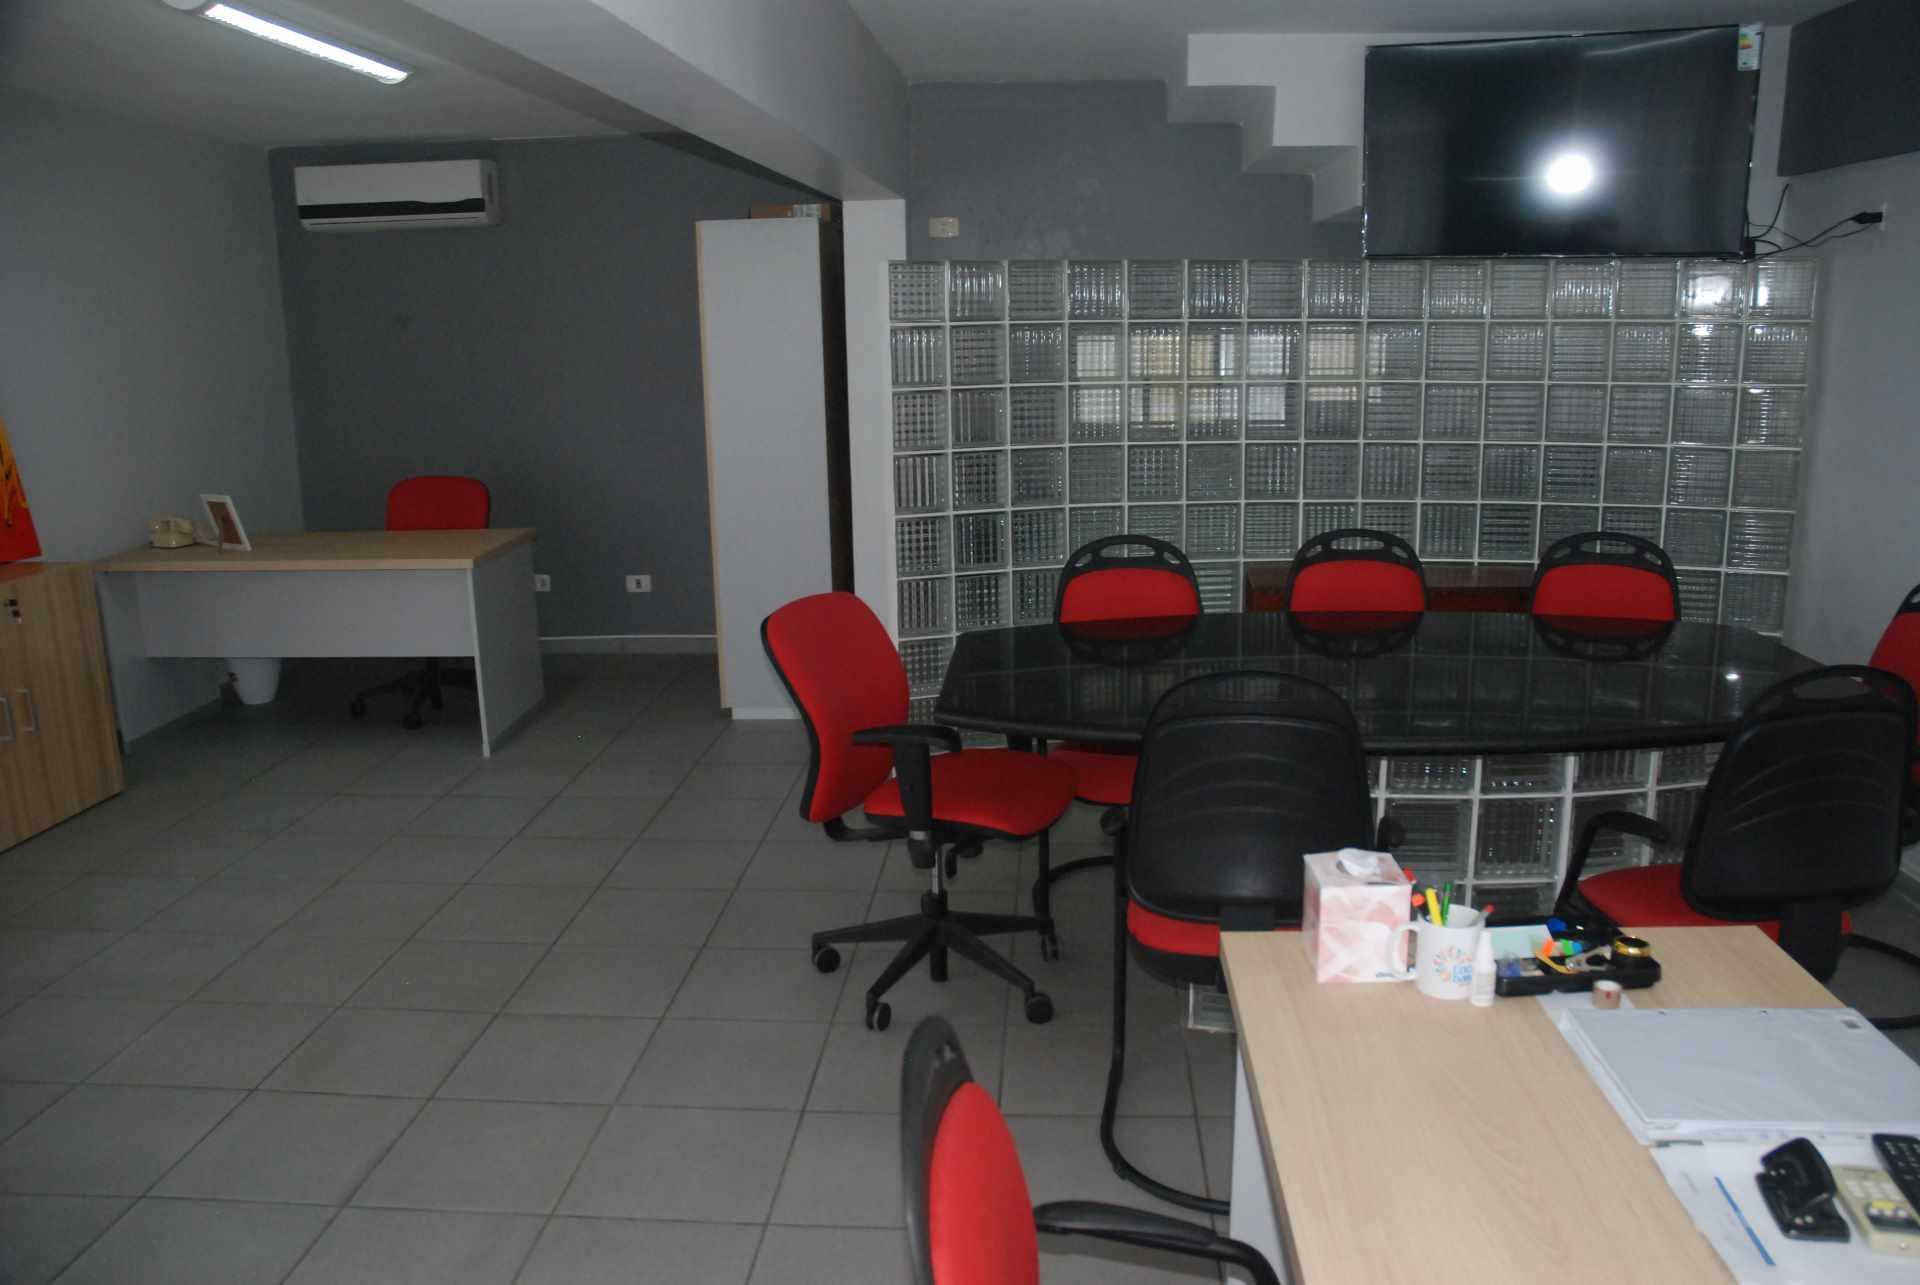 Oficina en Alquiler Cerca del colegio Cristo Rey y Avenida Irala, Calle La Riva Foto 11